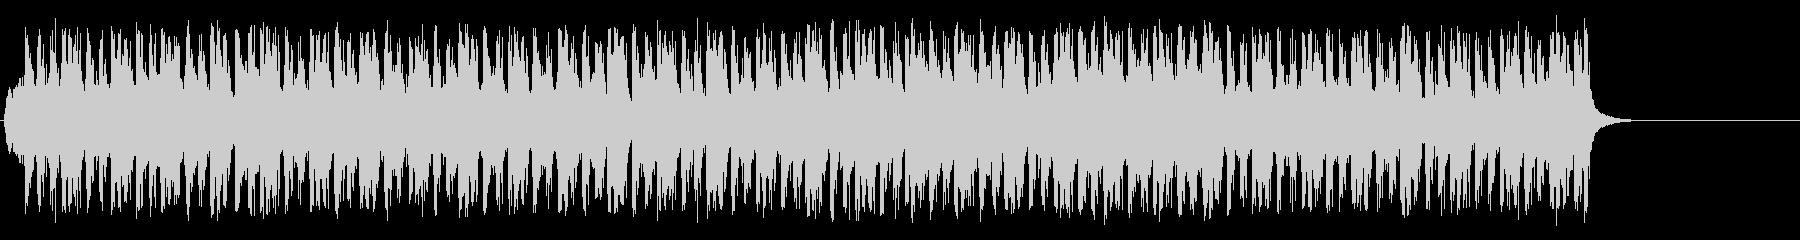 ダンサブルな歌モノ風ポップ/テクノの未再生の波形